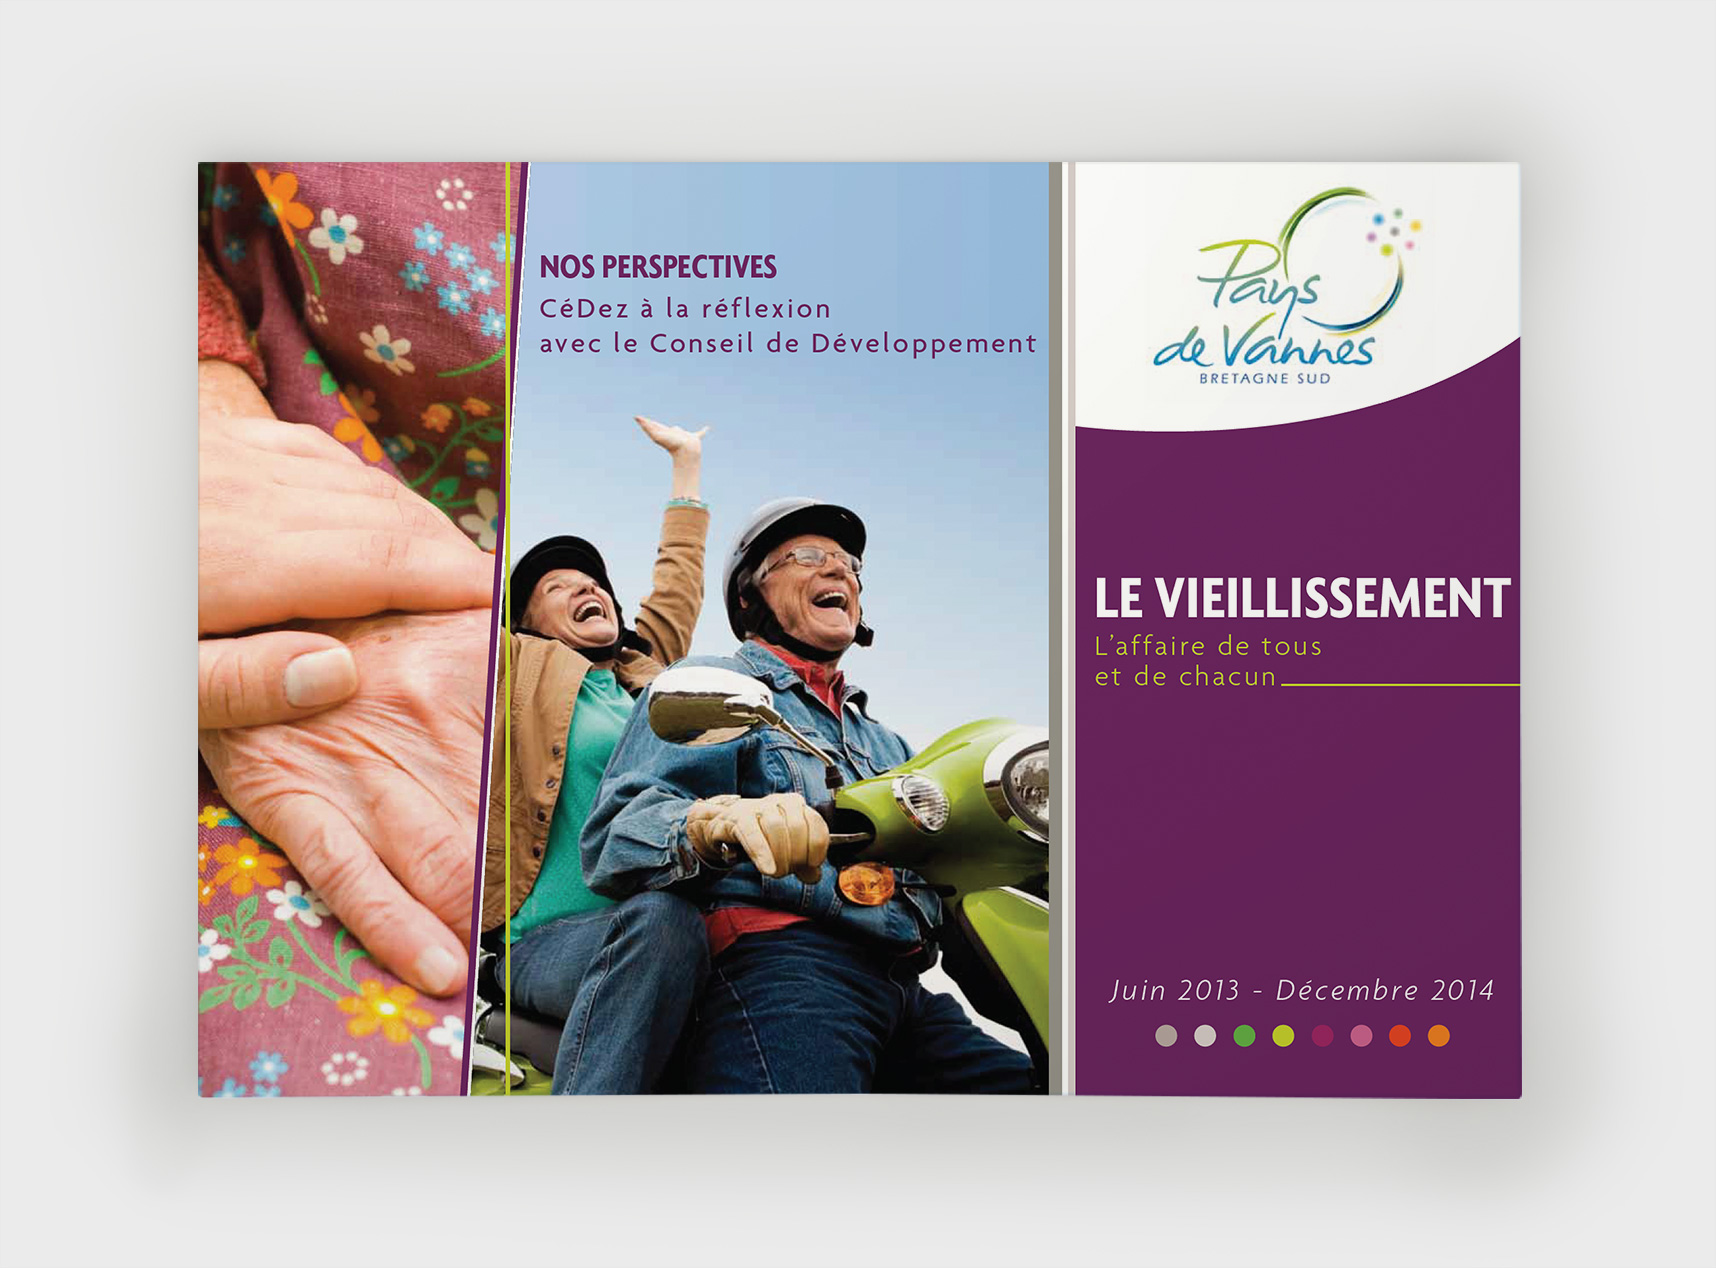 IZATIS_PAYS_DE_VANNES_brochure_vieillissement_couverture